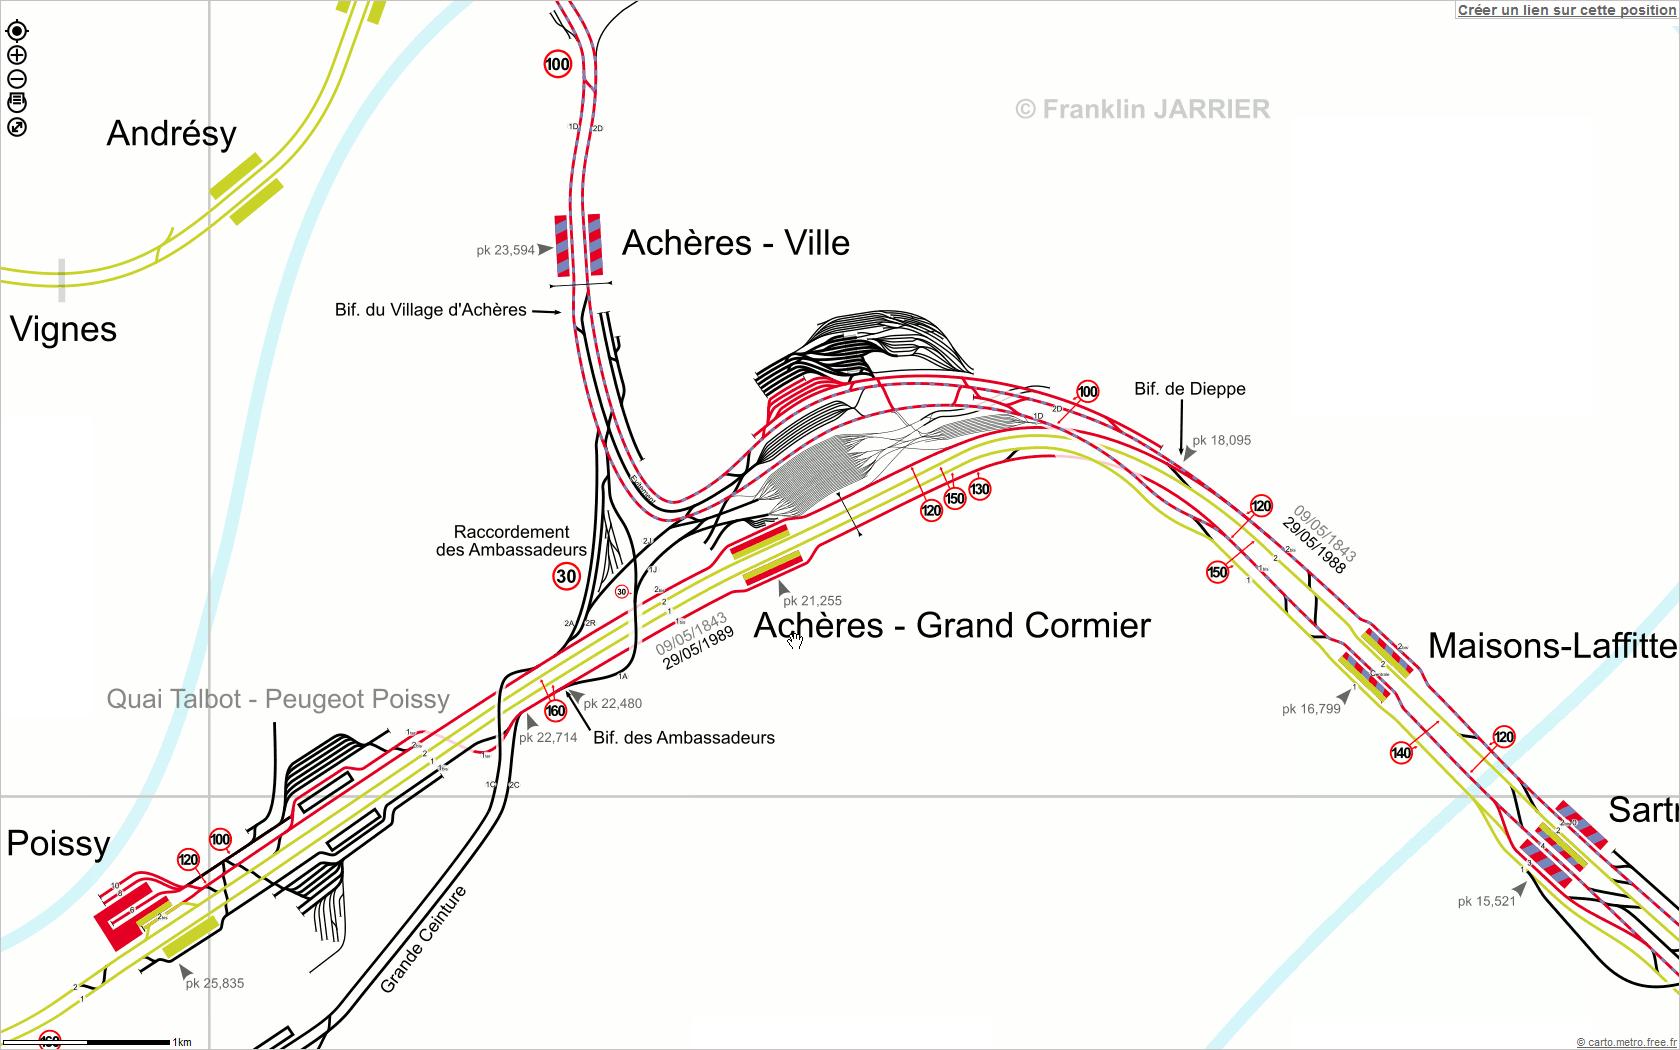 On voit bien que le RER A, dans la direction de Cergy, quitte la ligne de Paris - Normandie après la gare de Maisons-Laffitte pour se diriger vers la gare de Achères-Ville.